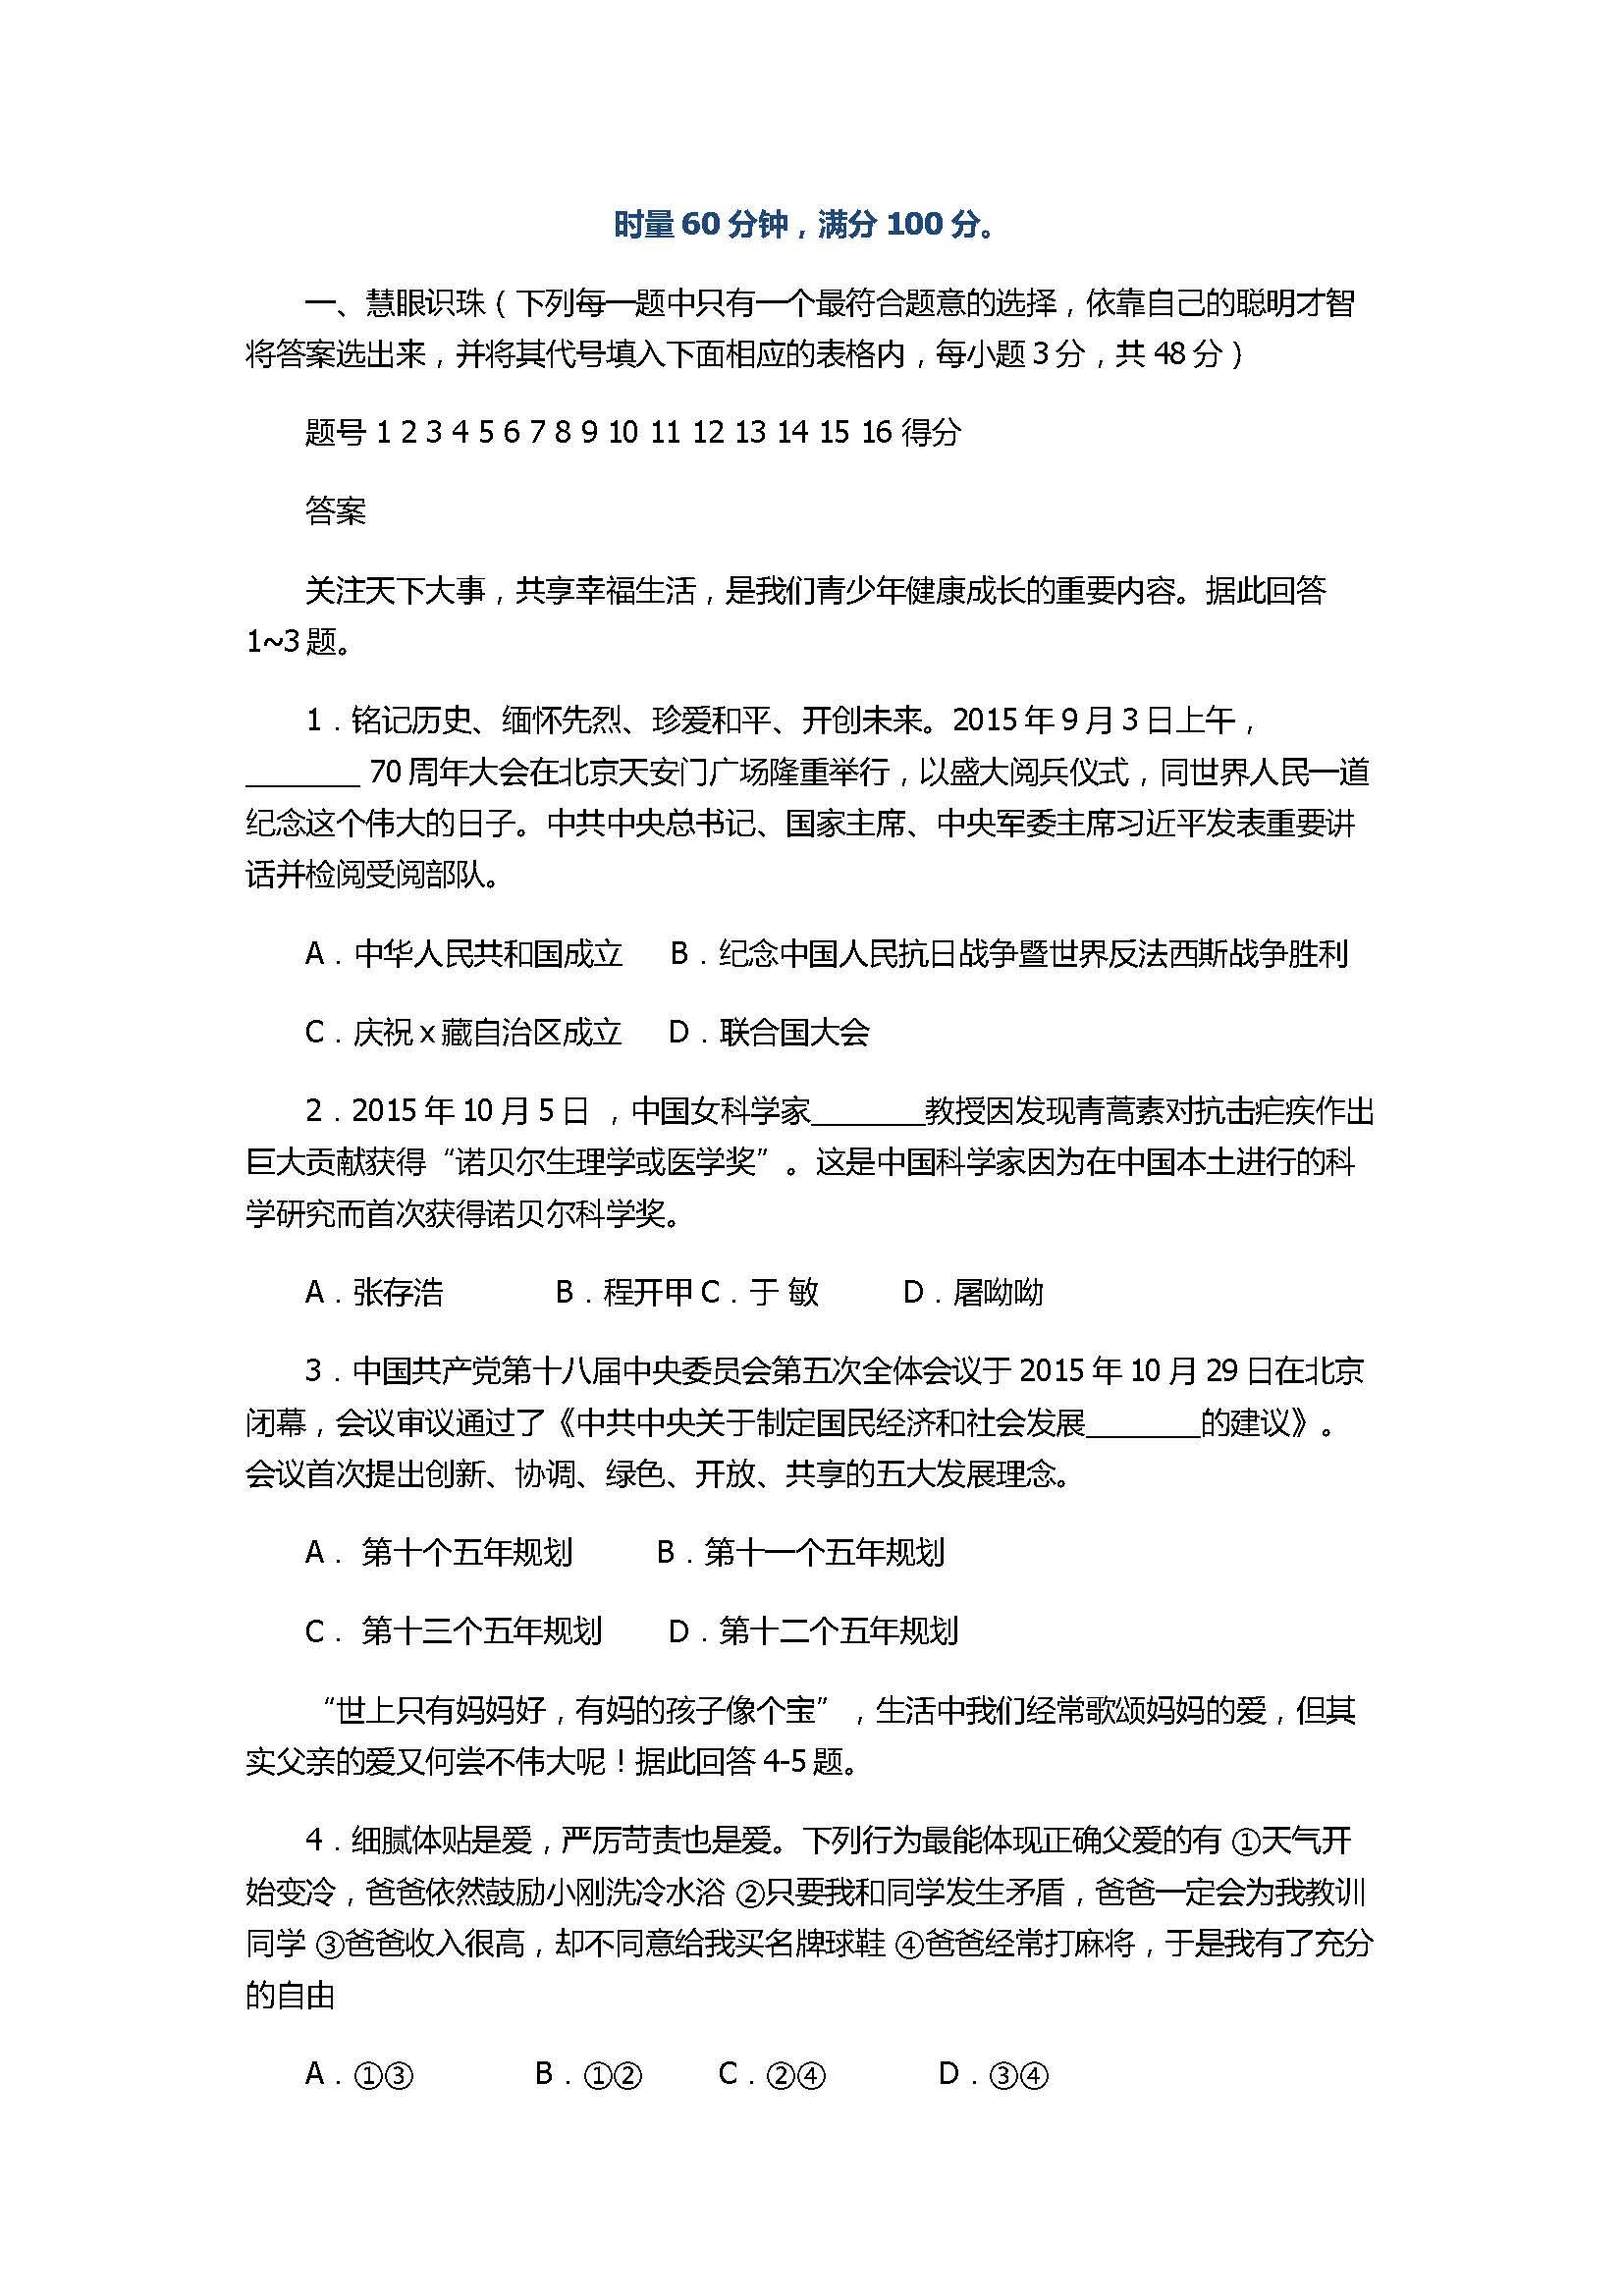 2017八年级政治上册期末测试卷含参考答案(湘潭市)